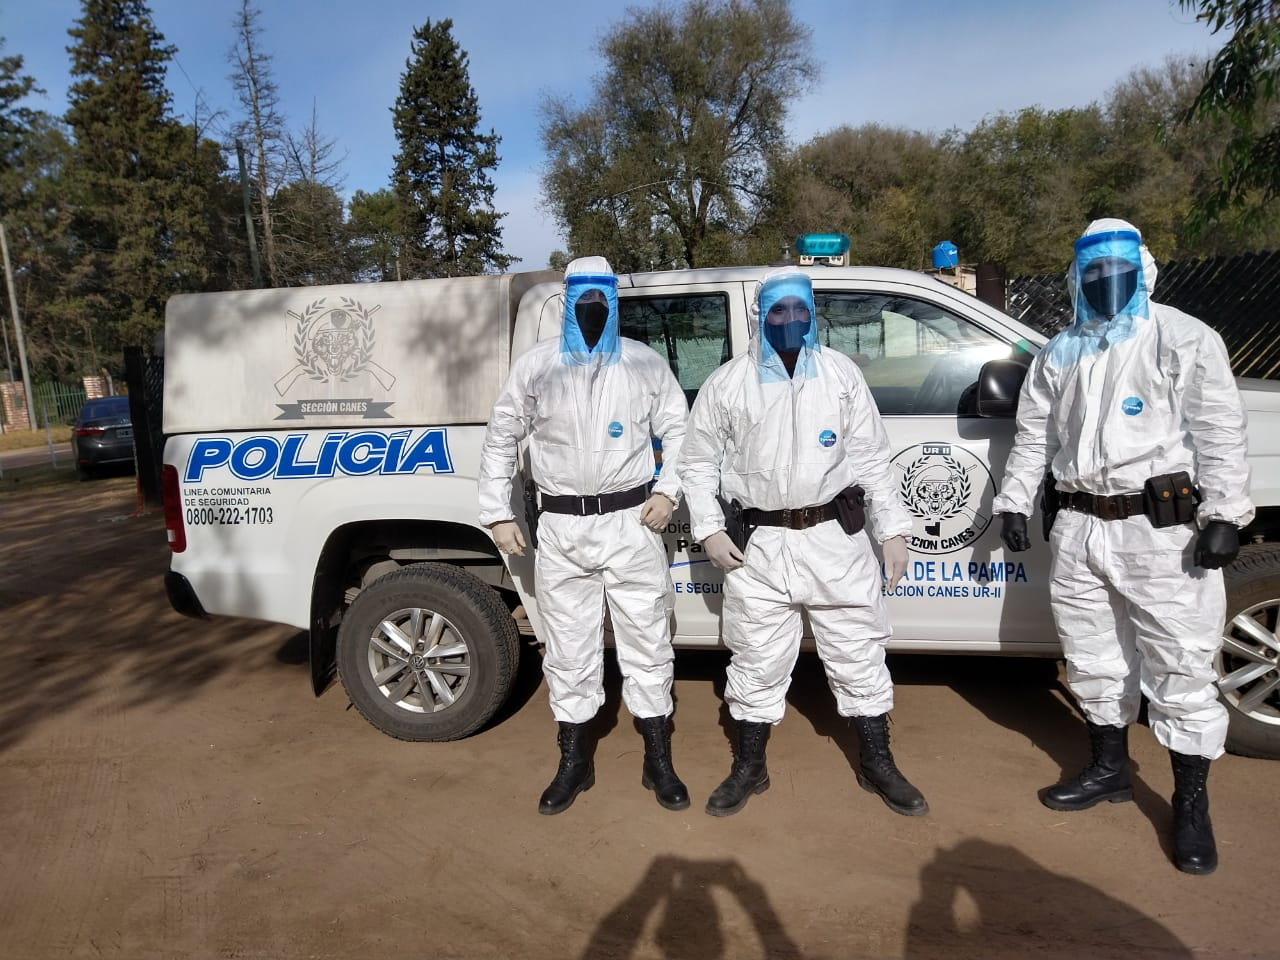 Equipan con trajes de protección micrograd a personal del Comando Radioeléctrico y Sección Canes